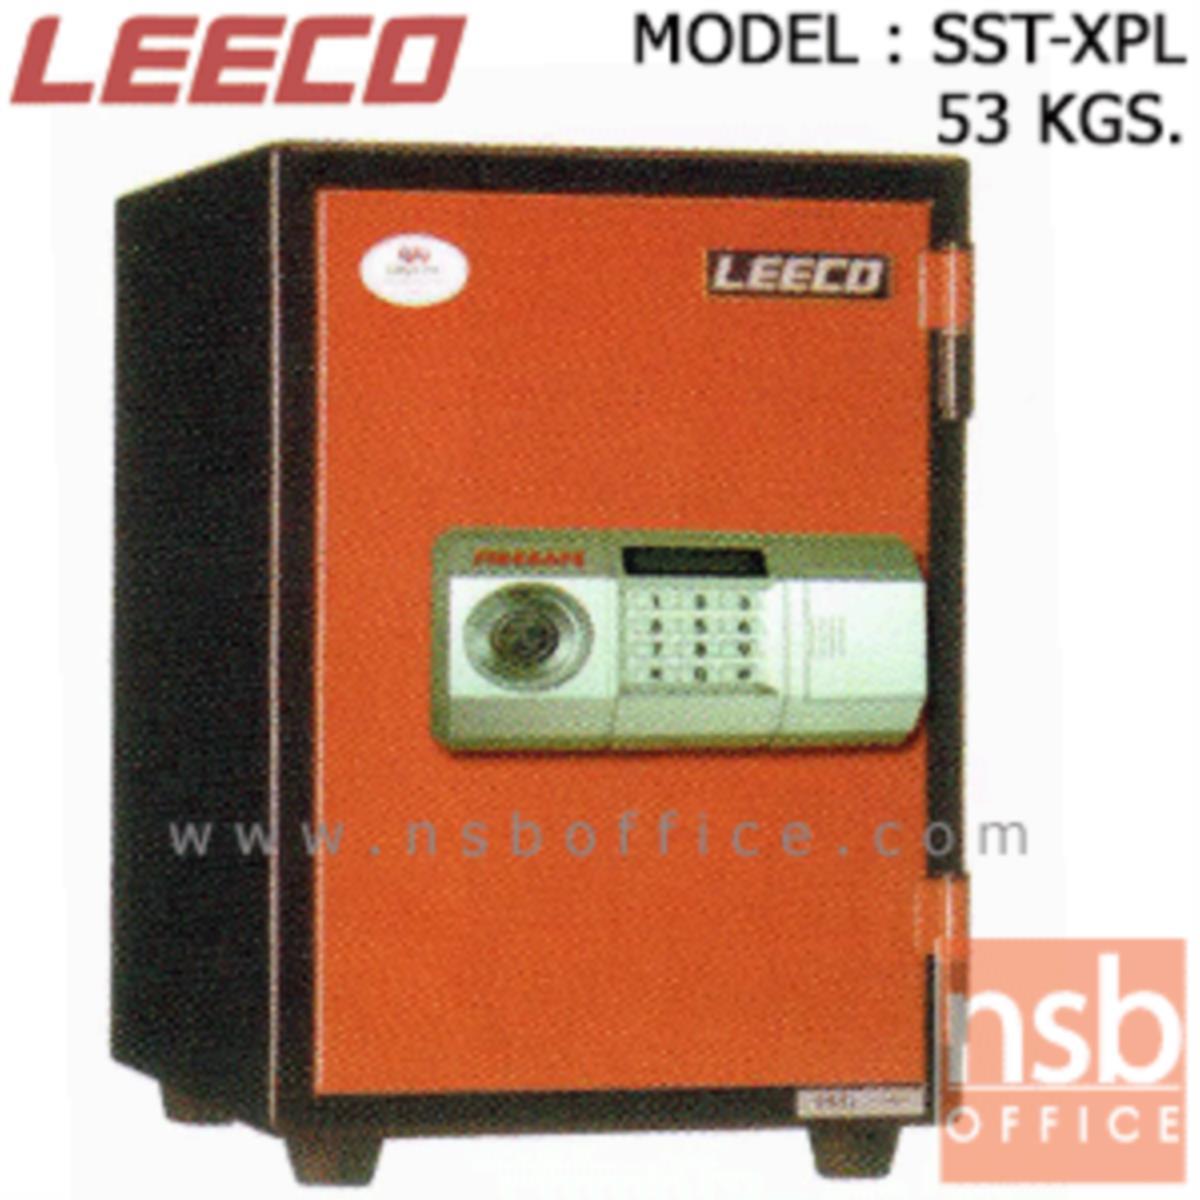 F03A003:ตู้เซฟนิรภัยดิจิตอลแนวตั้ง 53 กก. ลีโก้ รุ่น LEECO-SST-XPL มี  1 กุญแจ 1 รหัส